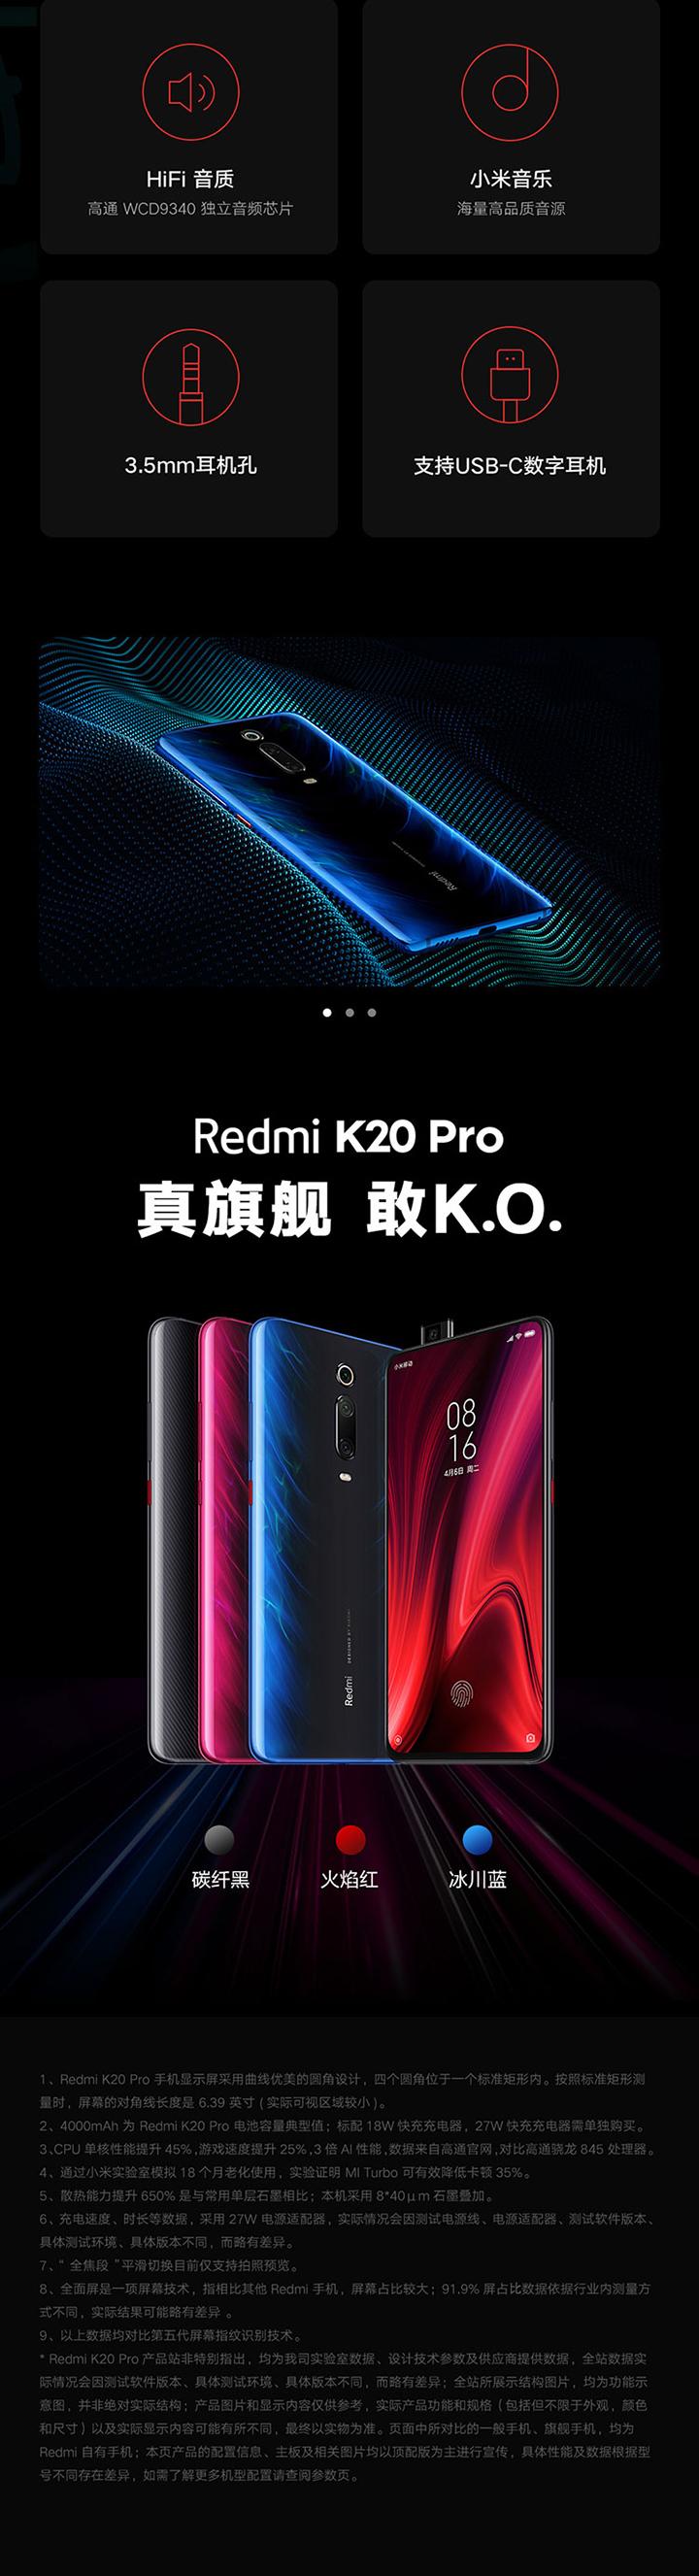 红米Redmi K20 Pro手机免费试用,评测